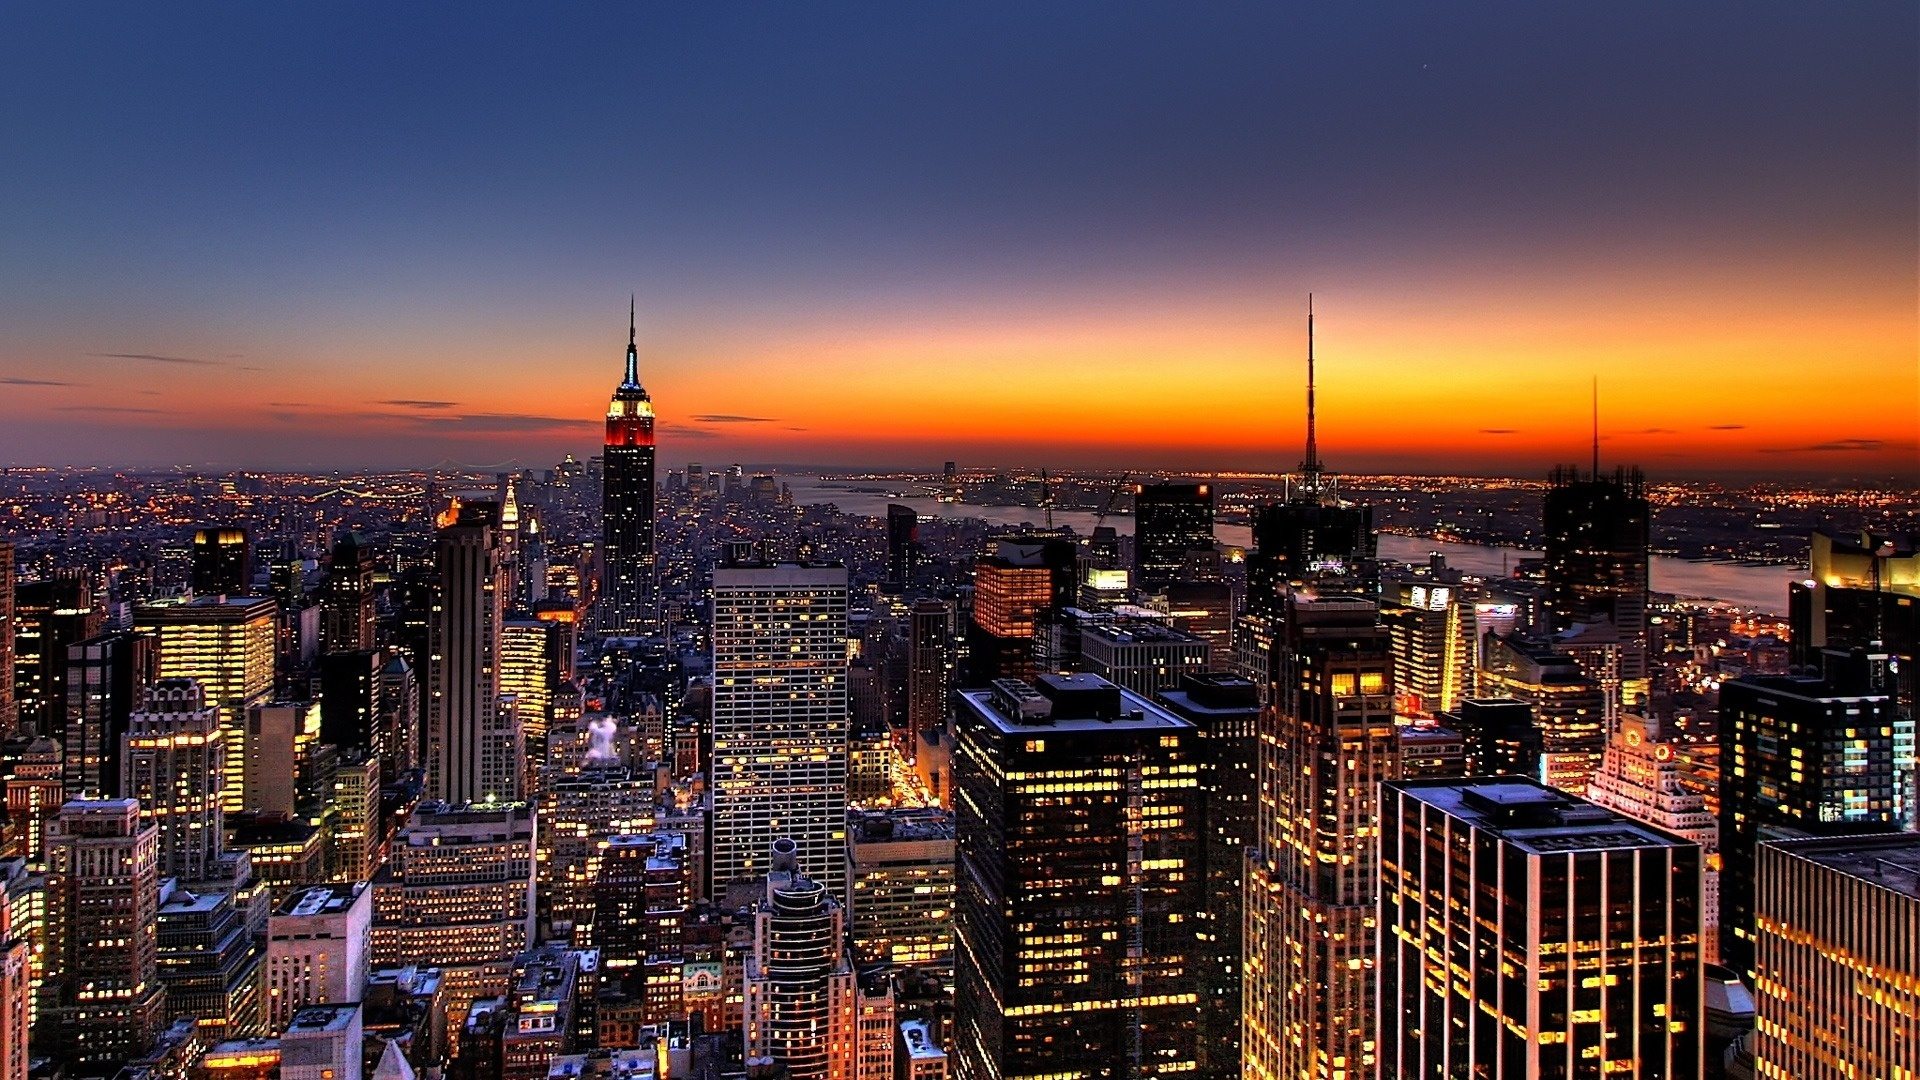 Hd Hintergrundbilder Nacht Aufsicht Wolkenkratzer New York